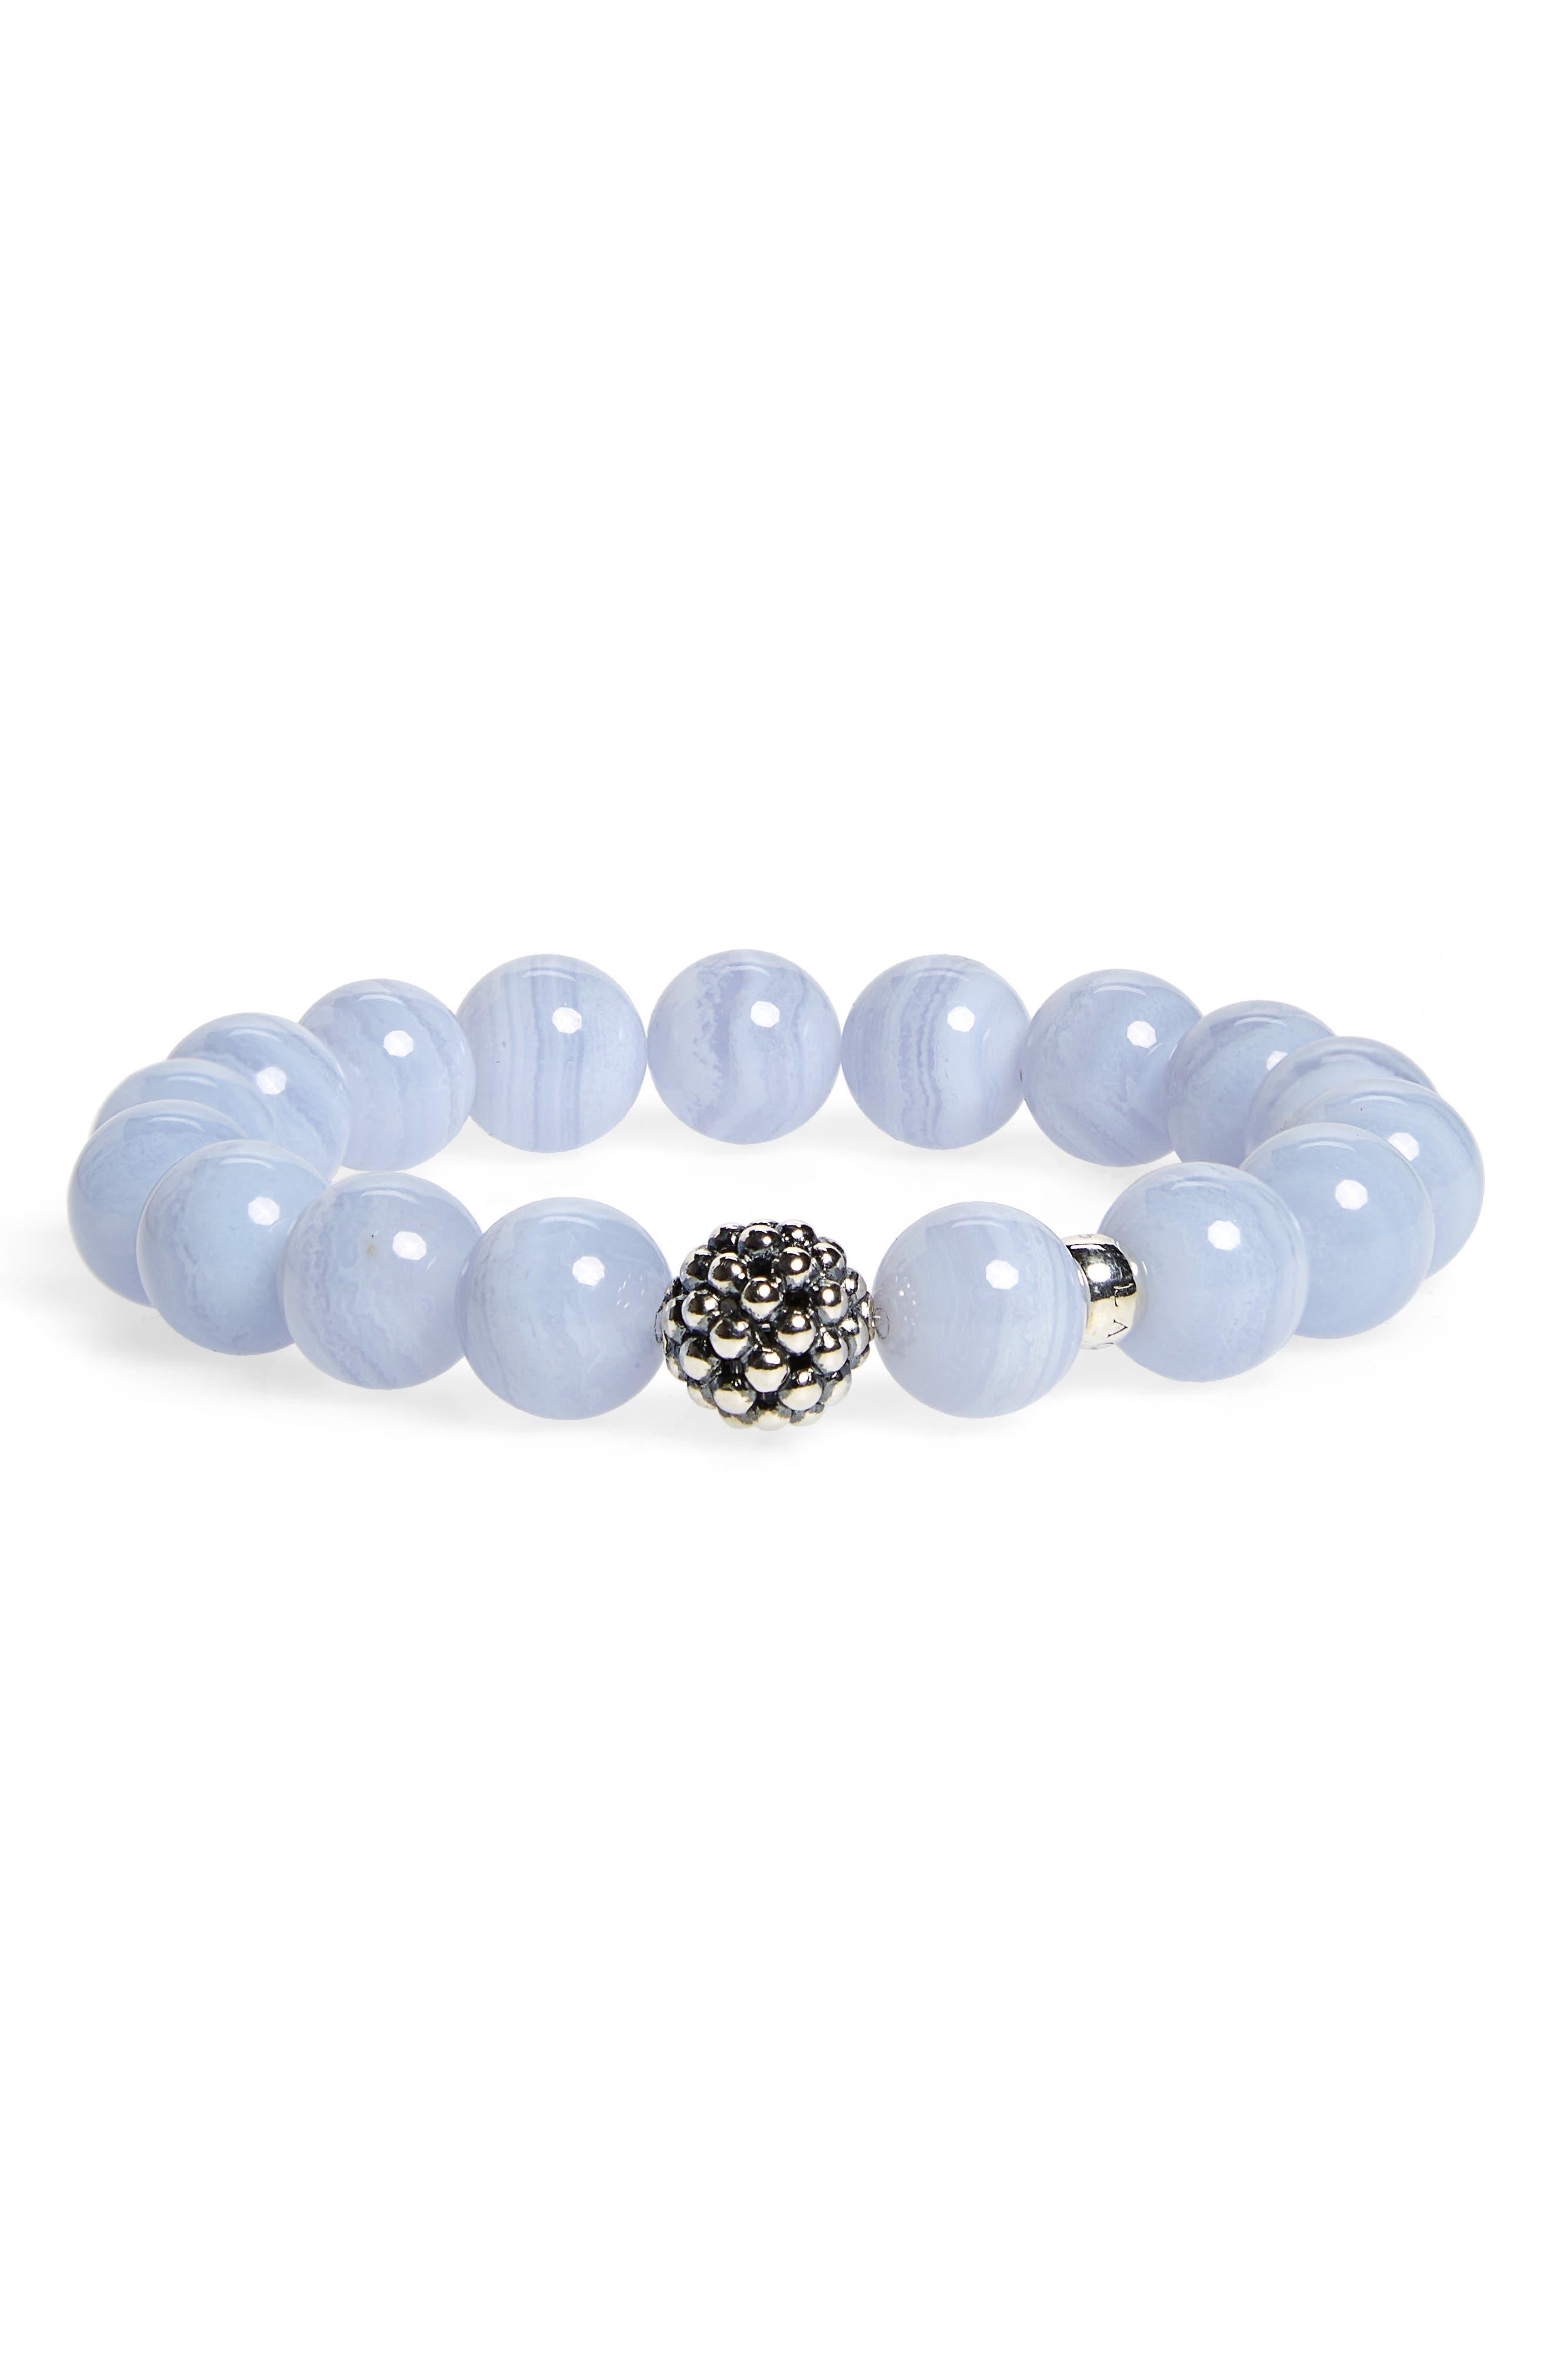 LAGOS, Bead Stretch Bracelet, Alternate thumbnail 2, color, BLUE LACE AGATE